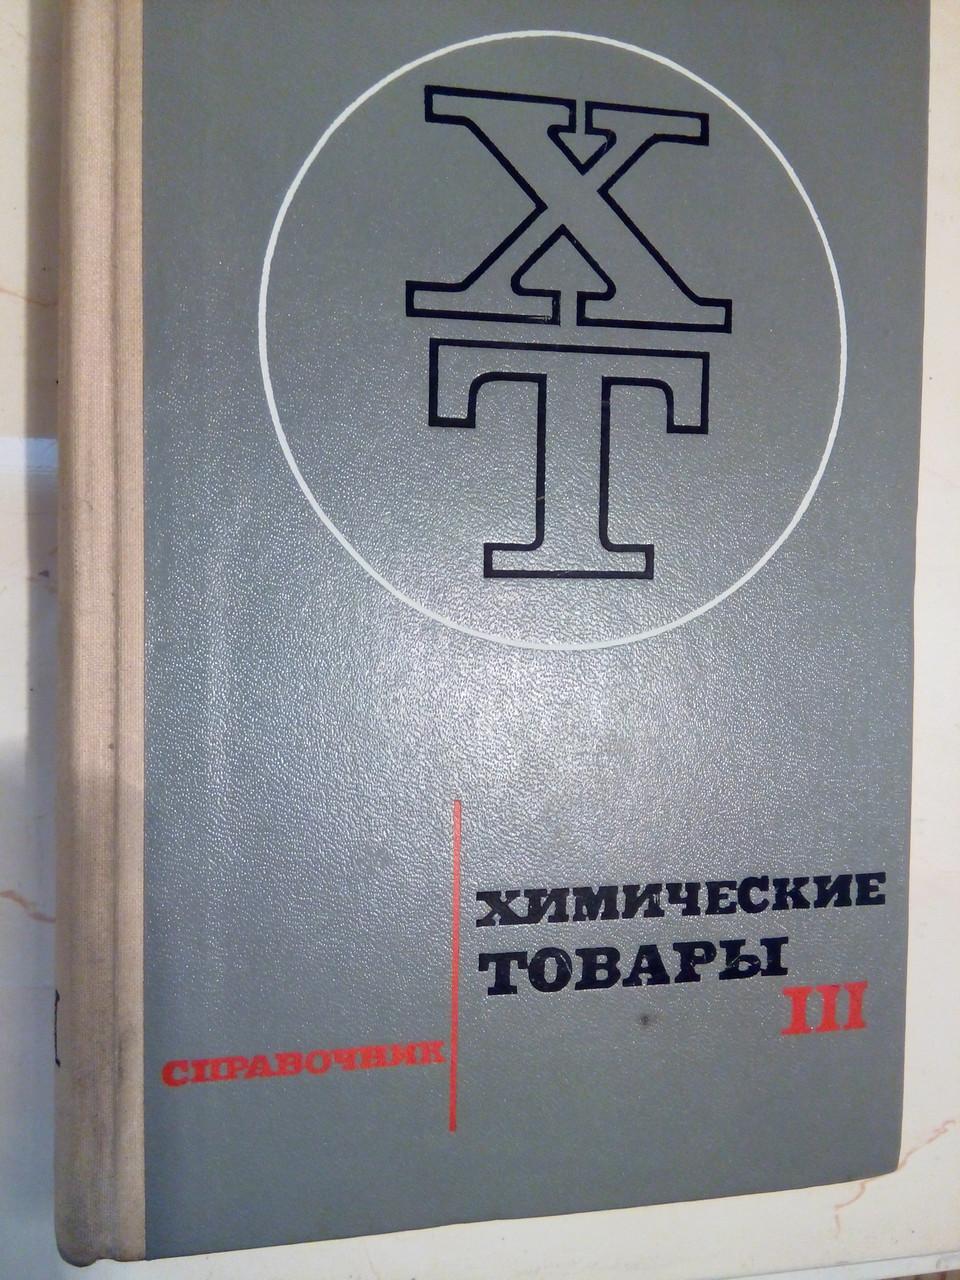 Химические товары Том 3.